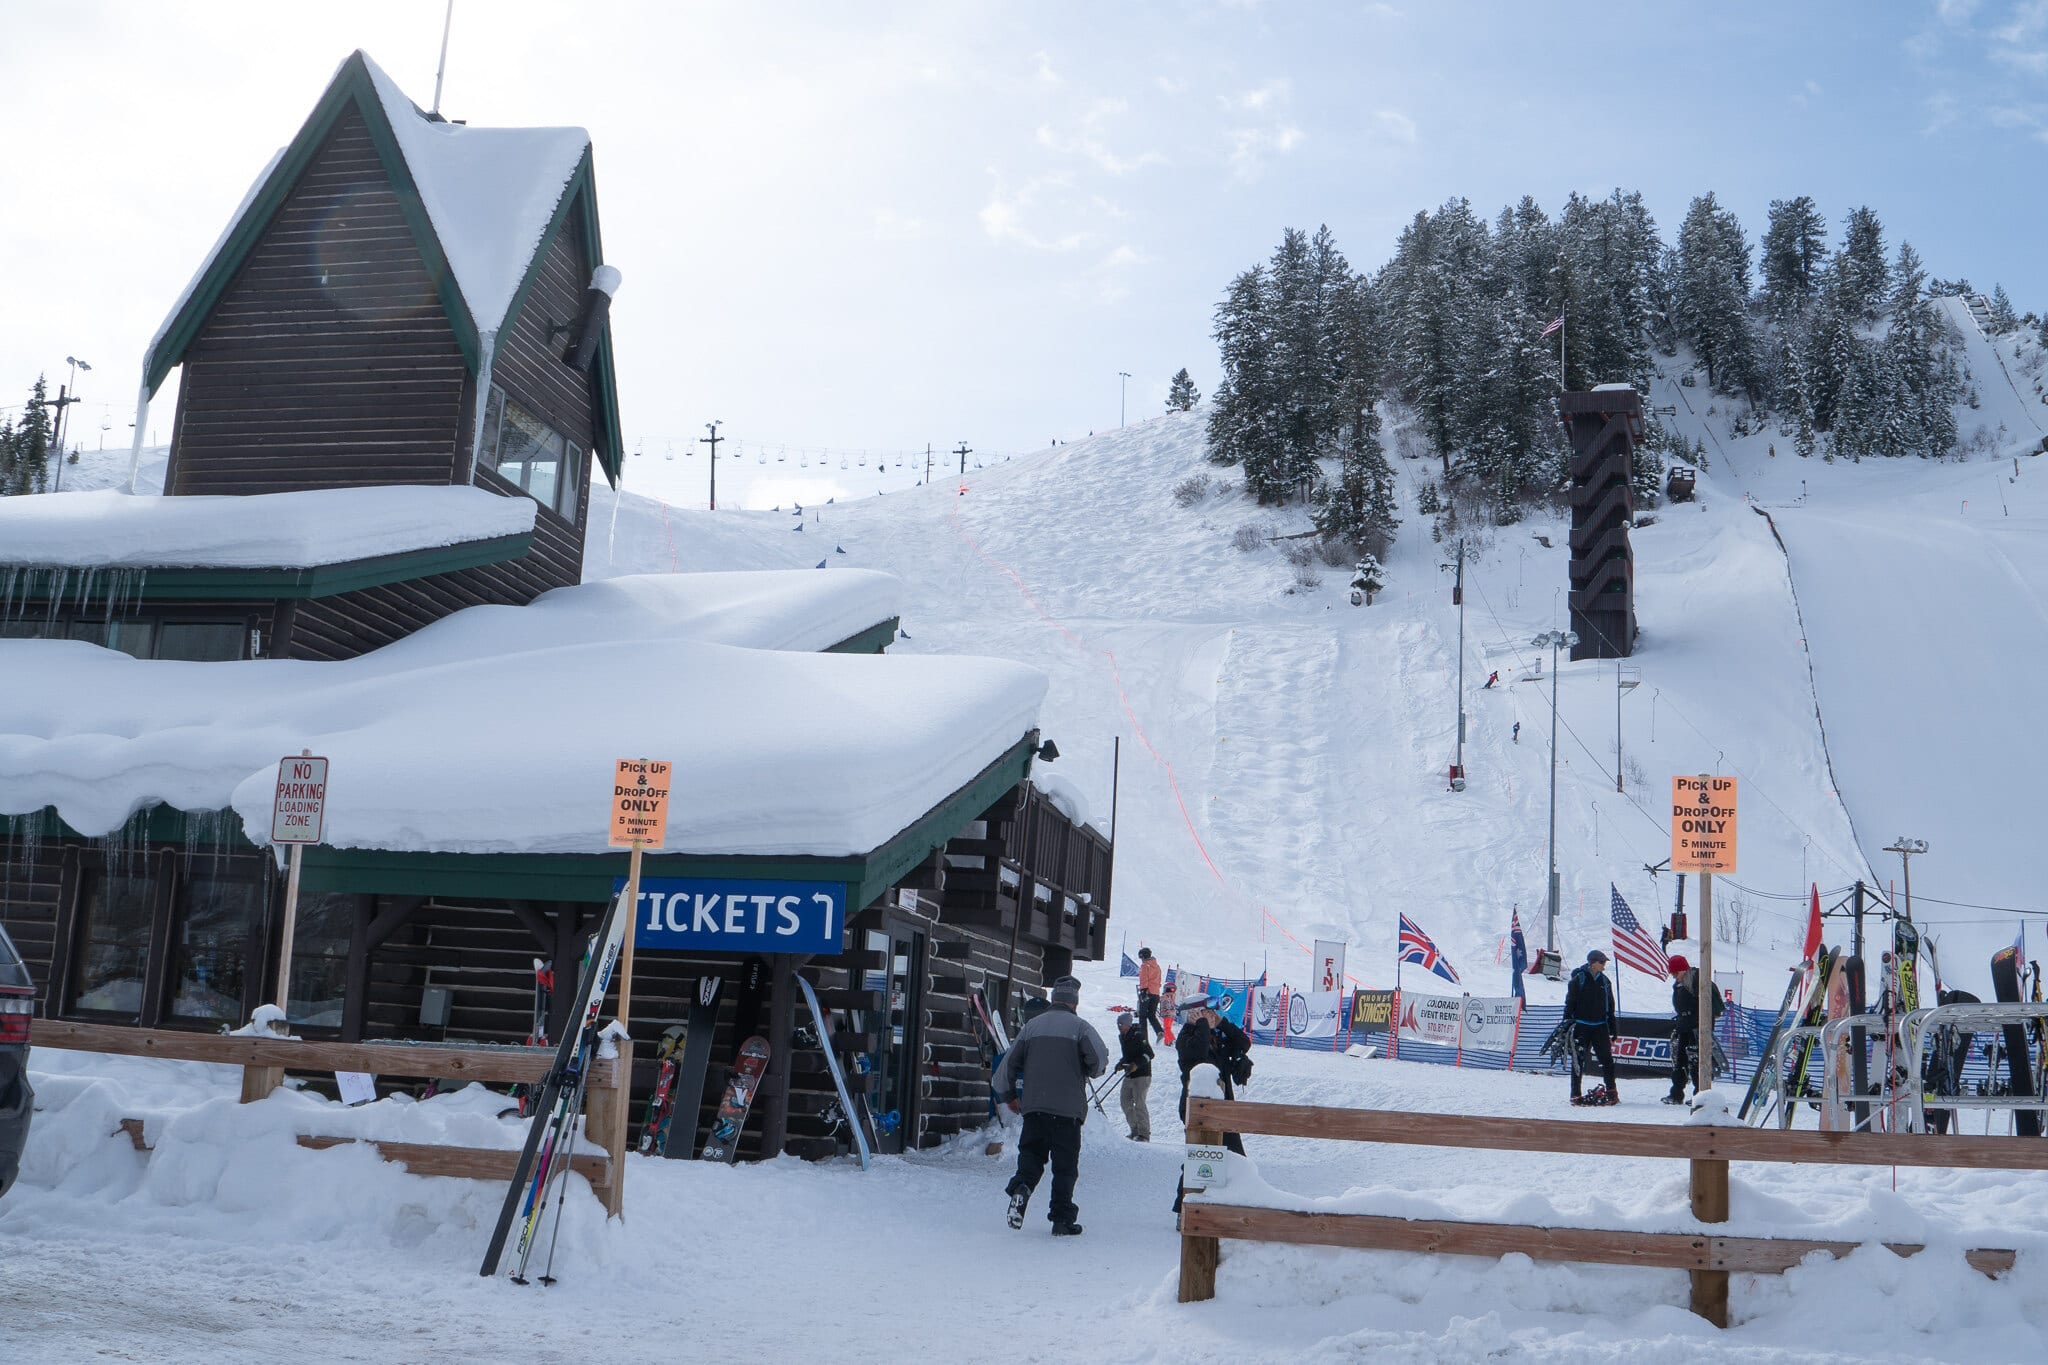 image of howelsen ski area